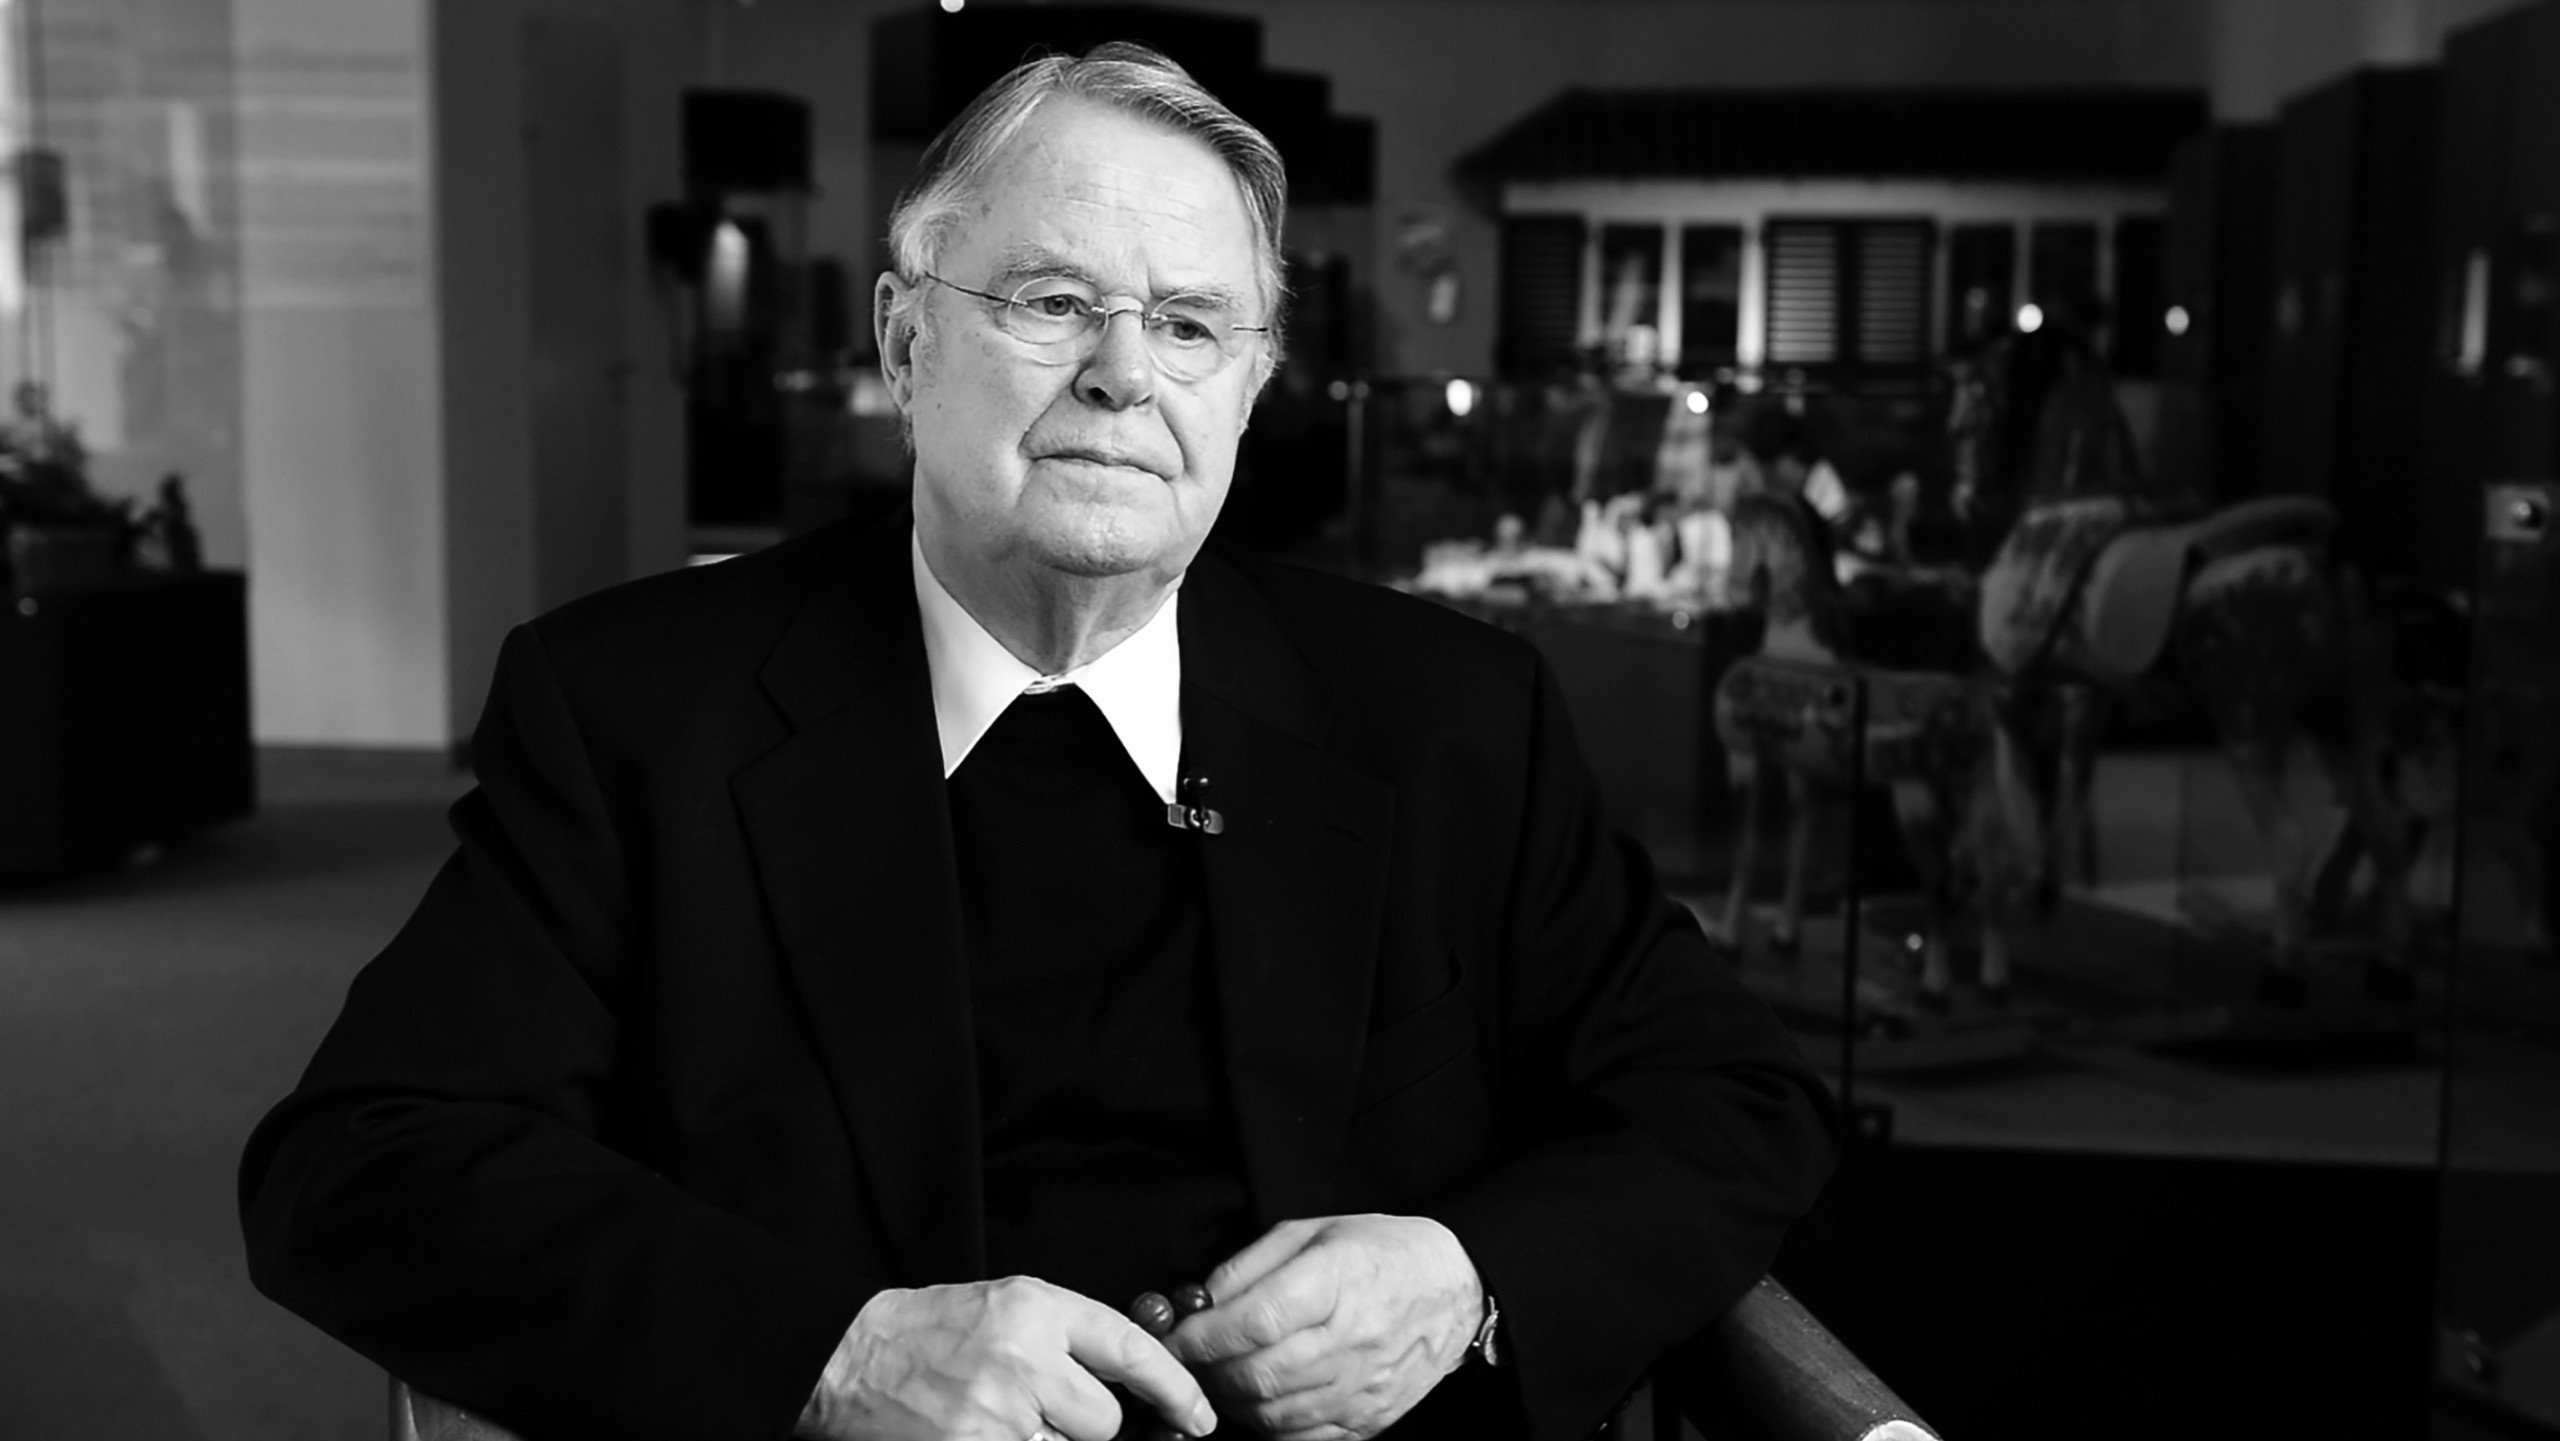 Der emeritierte Weihbischof Heinrich Janssen ist verstorben. Foto: Gerry Seybert